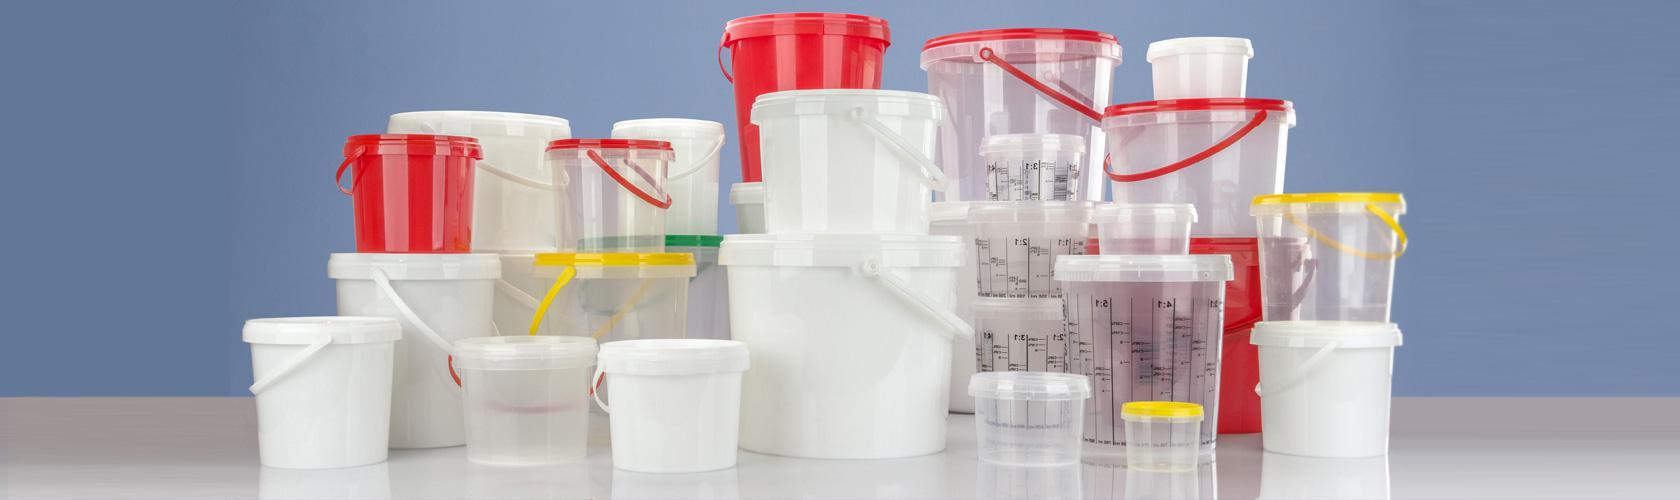 DDS Plast Packaging